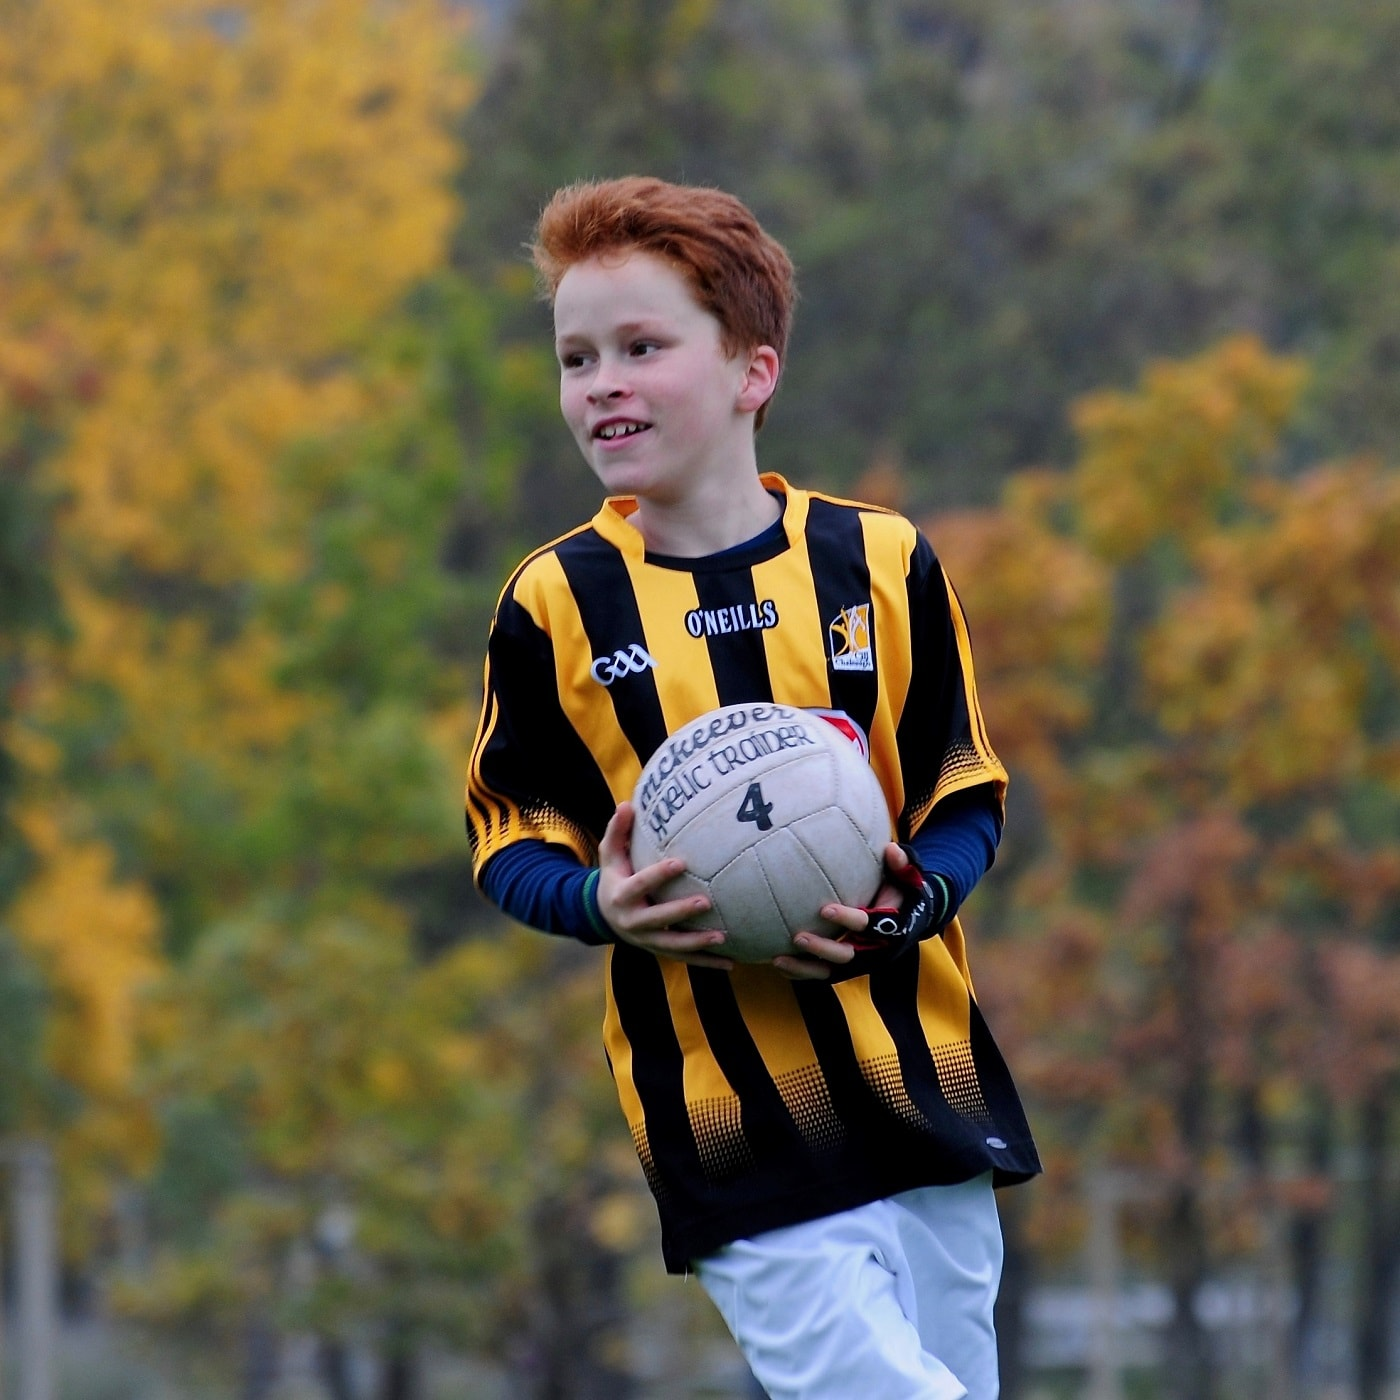 Gaelic Games in Berlin: Junge trainiert Gaelic Football // HIMBEER